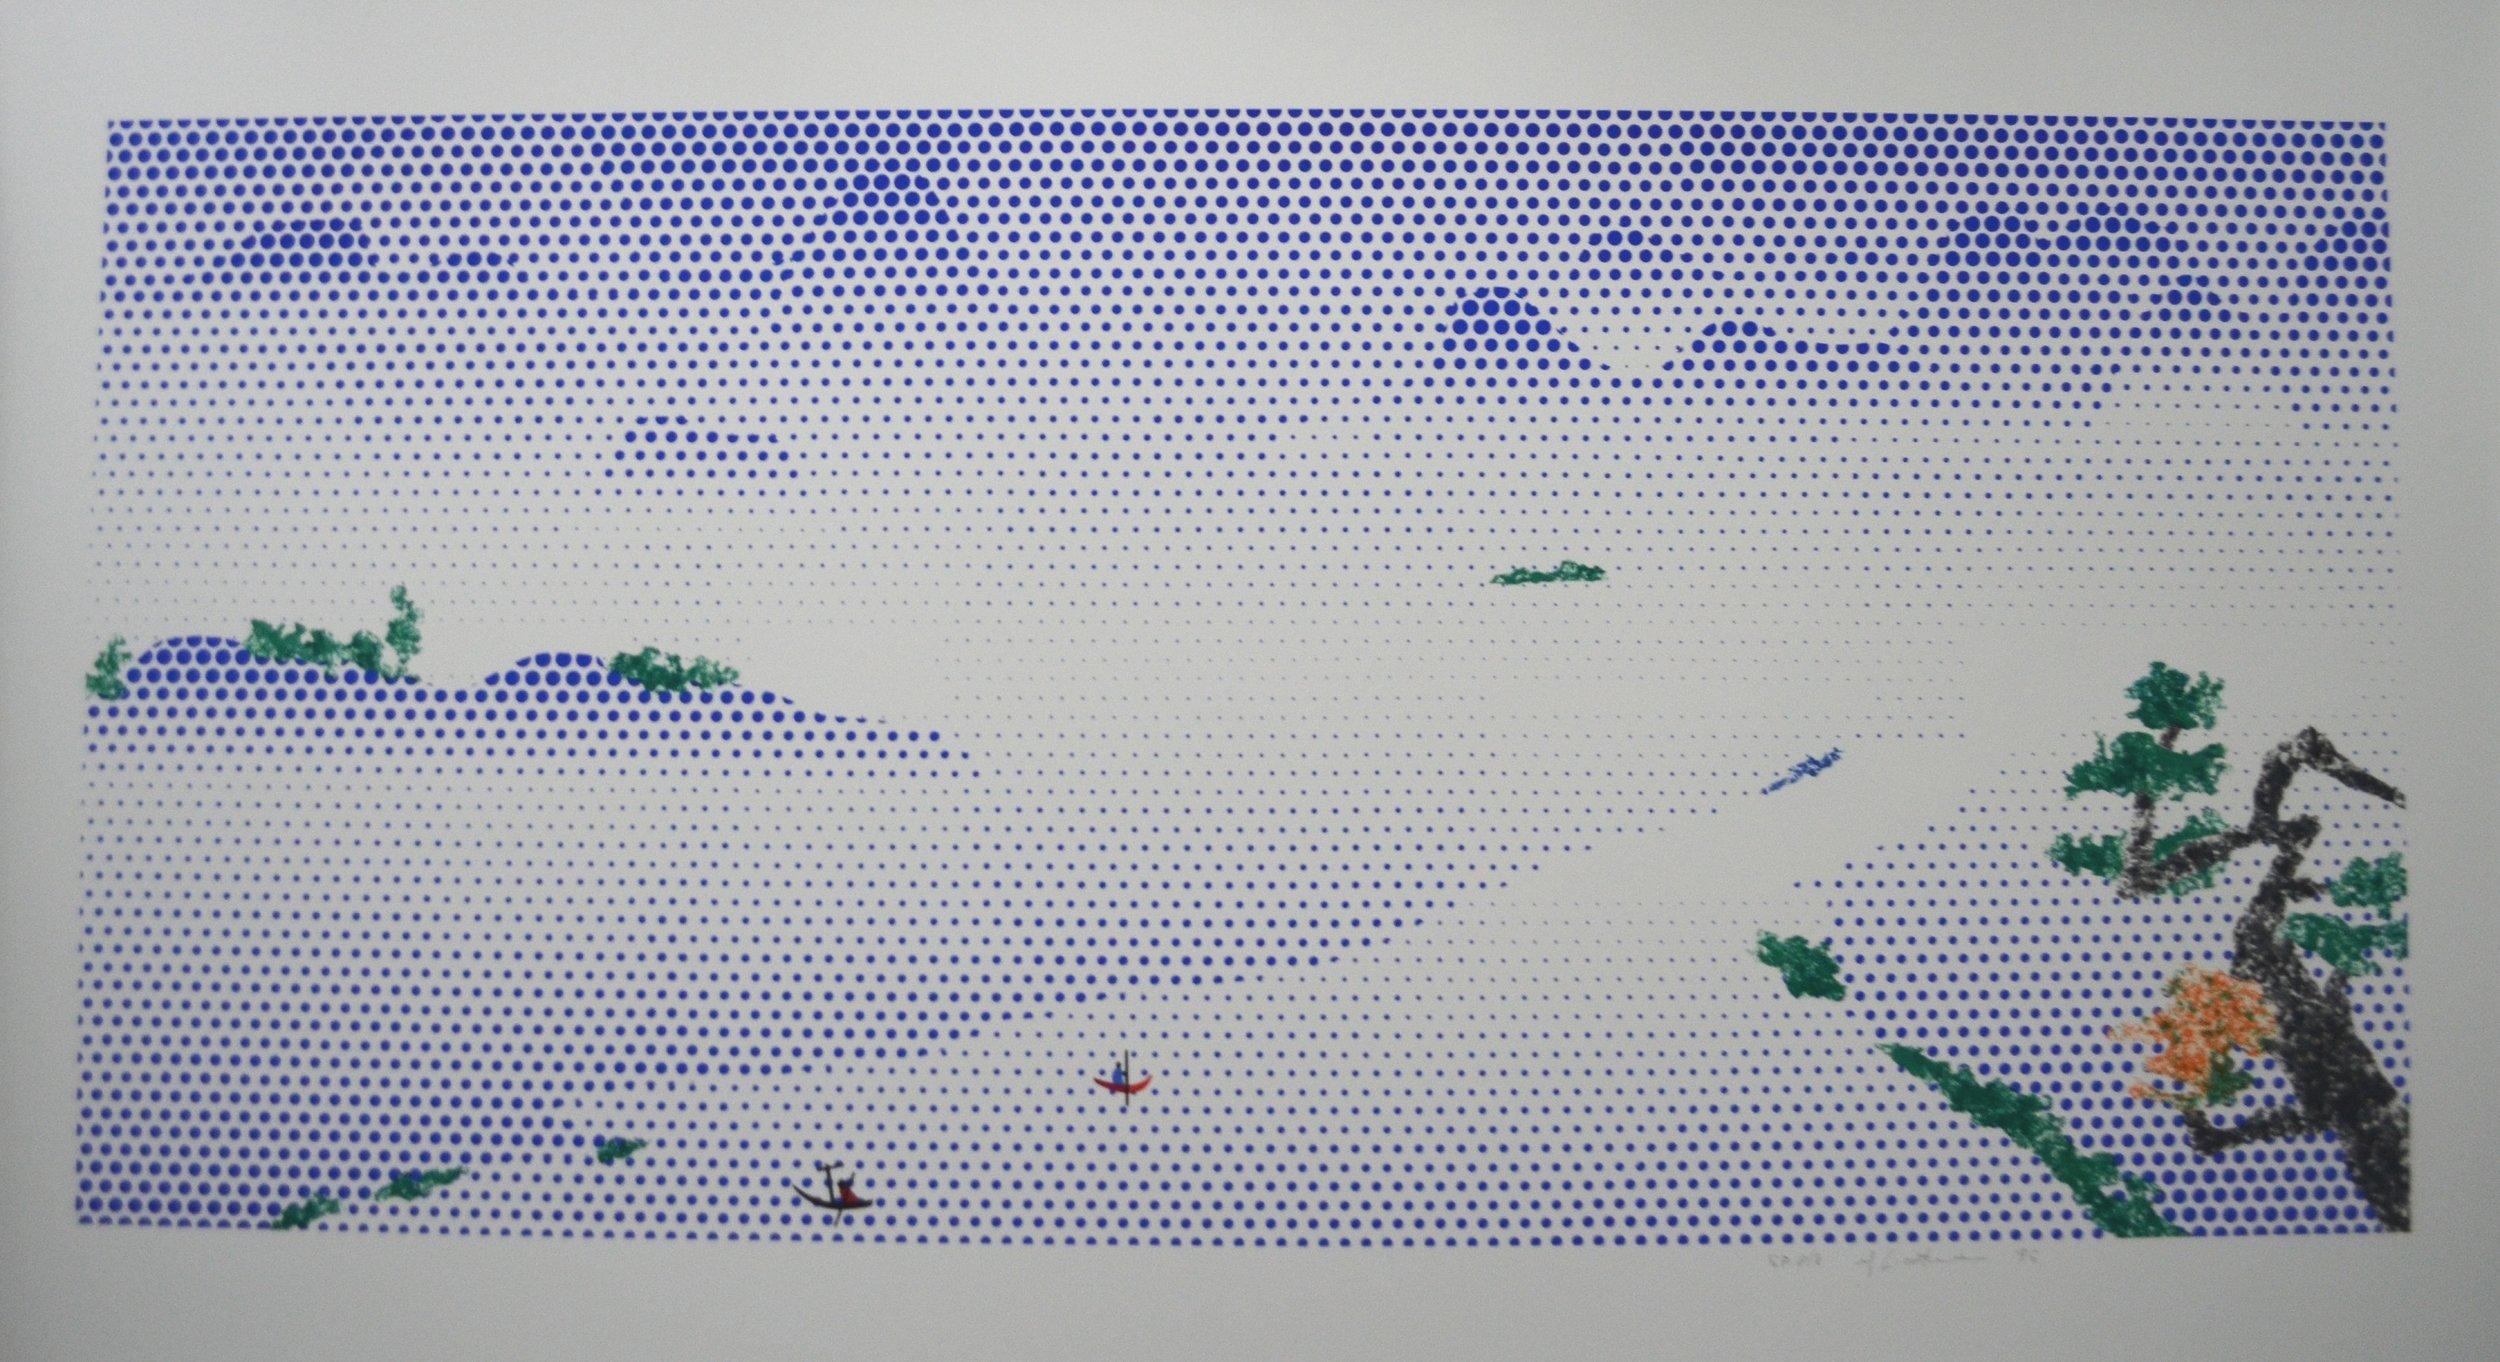 Roy Lichtenstein - Landscape with Boats